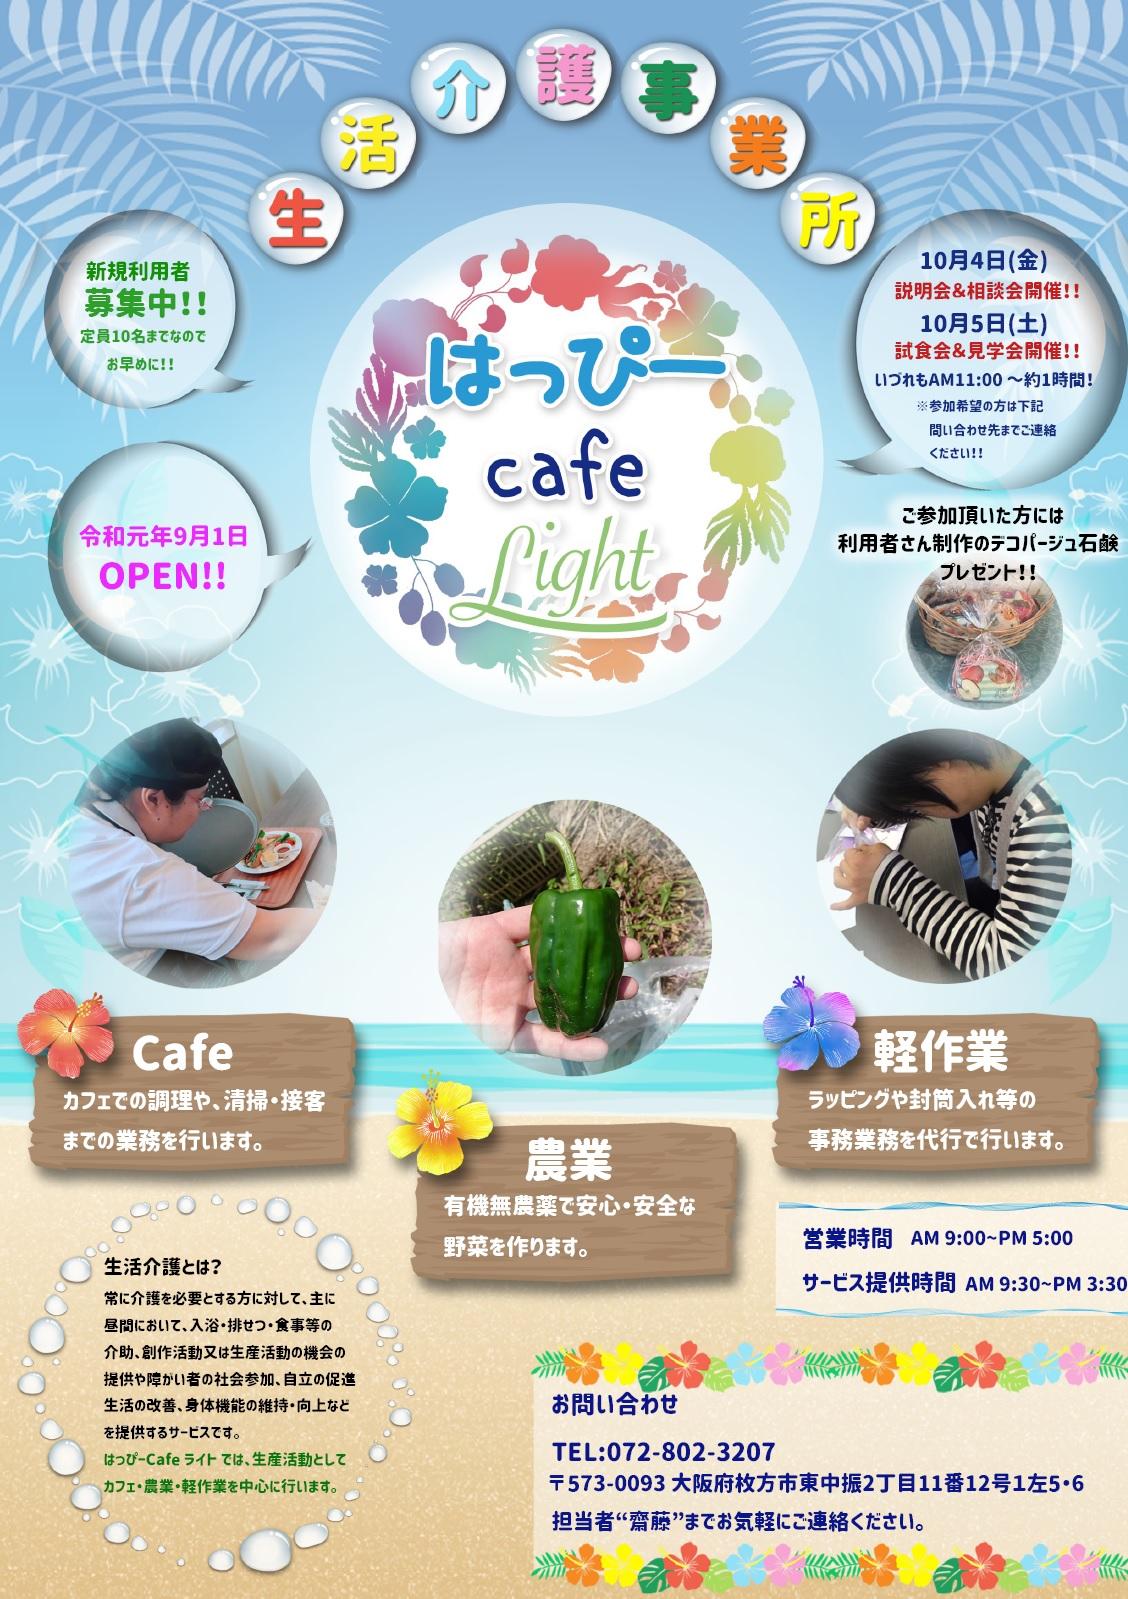 10/4(金)、10/5(土)11:00~12:00  すずらん【生活介護】説明会&試食会開催!!